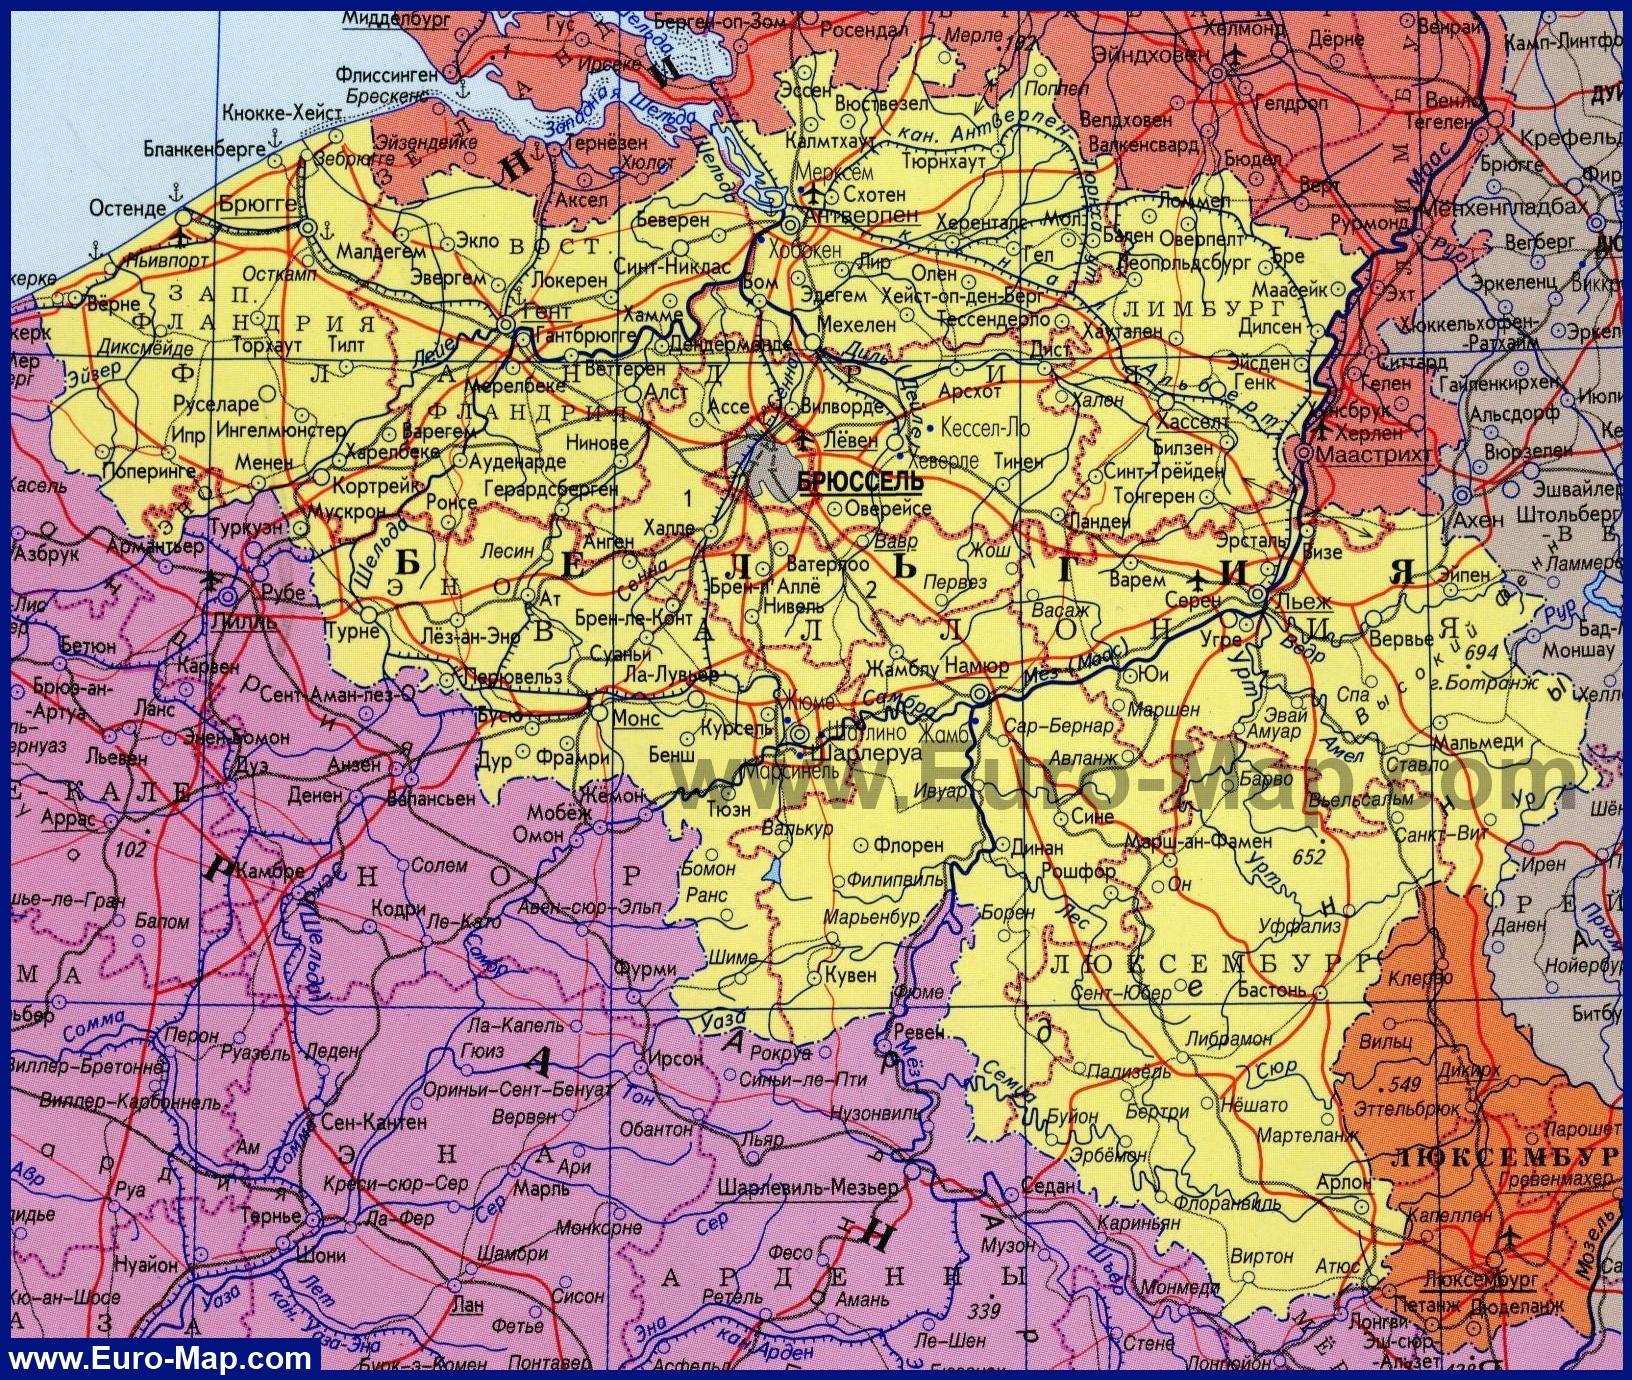 Подробная карта бельгии на русском